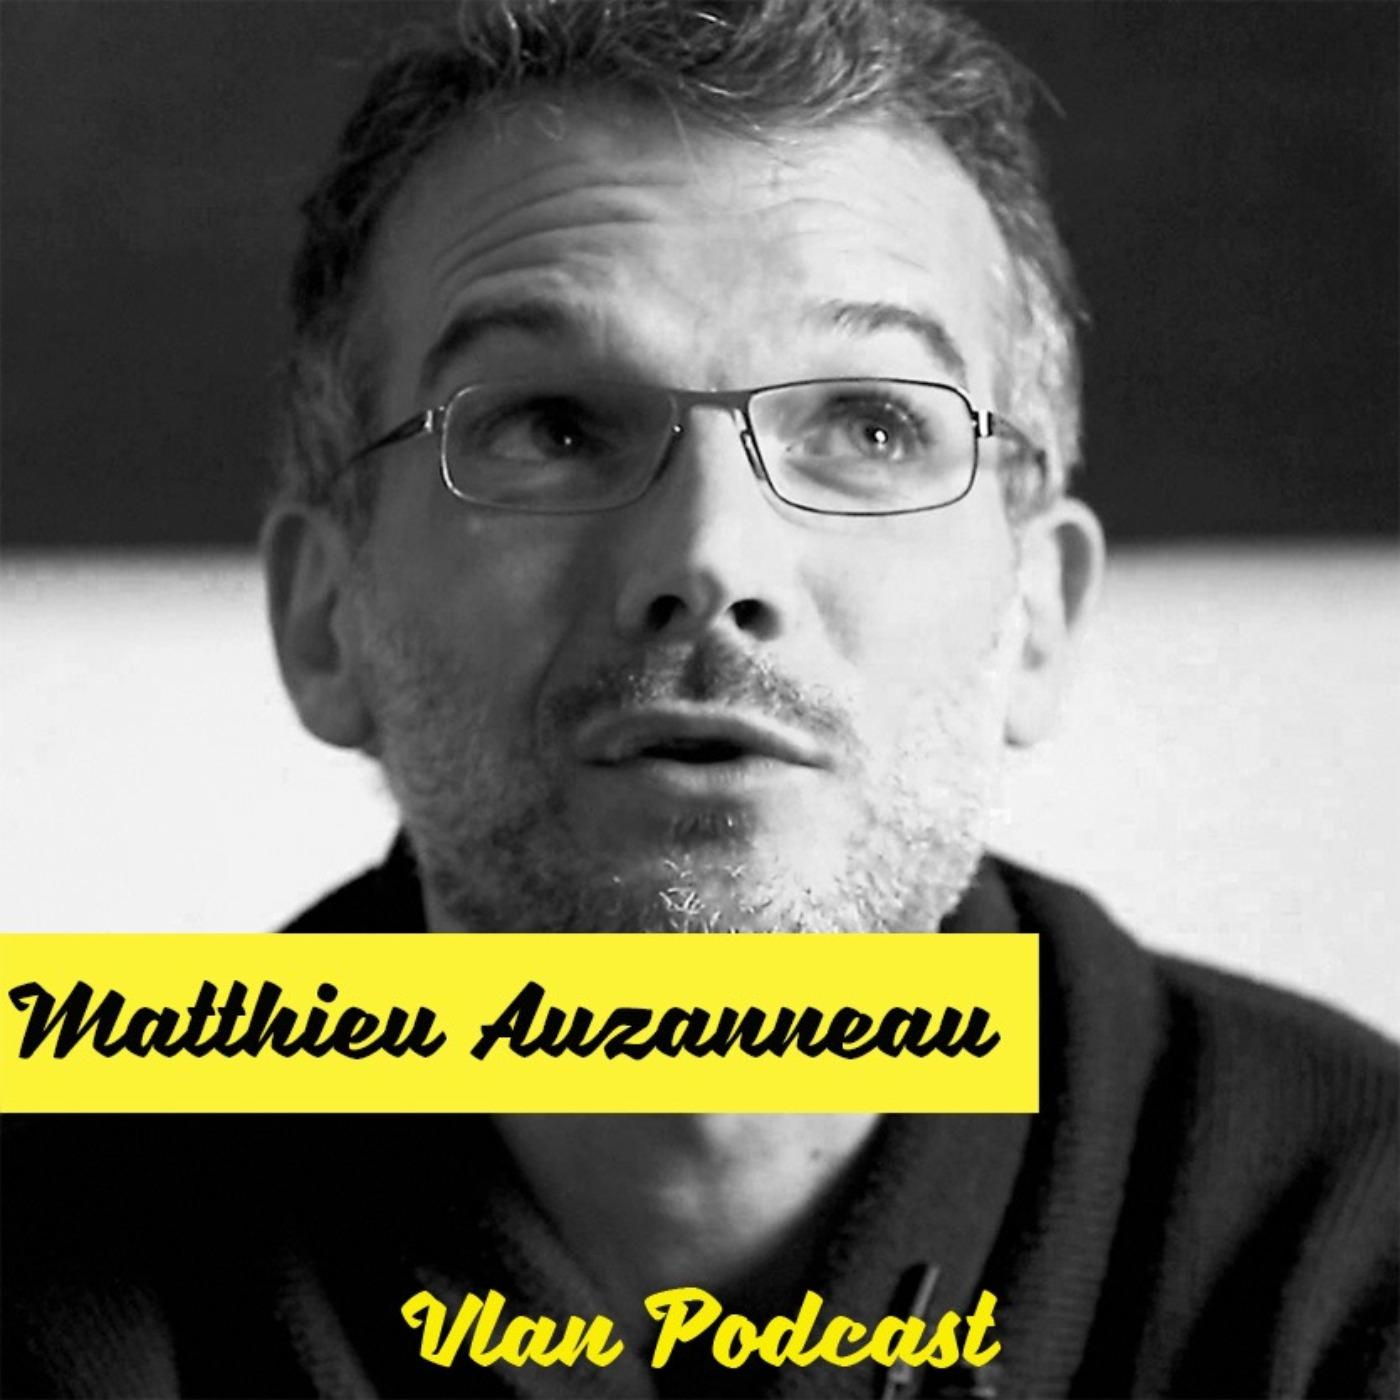 Vlan #131 Transition énergétique: ce qu'un adulte devrait savoir avec Matthieu Auzanneau